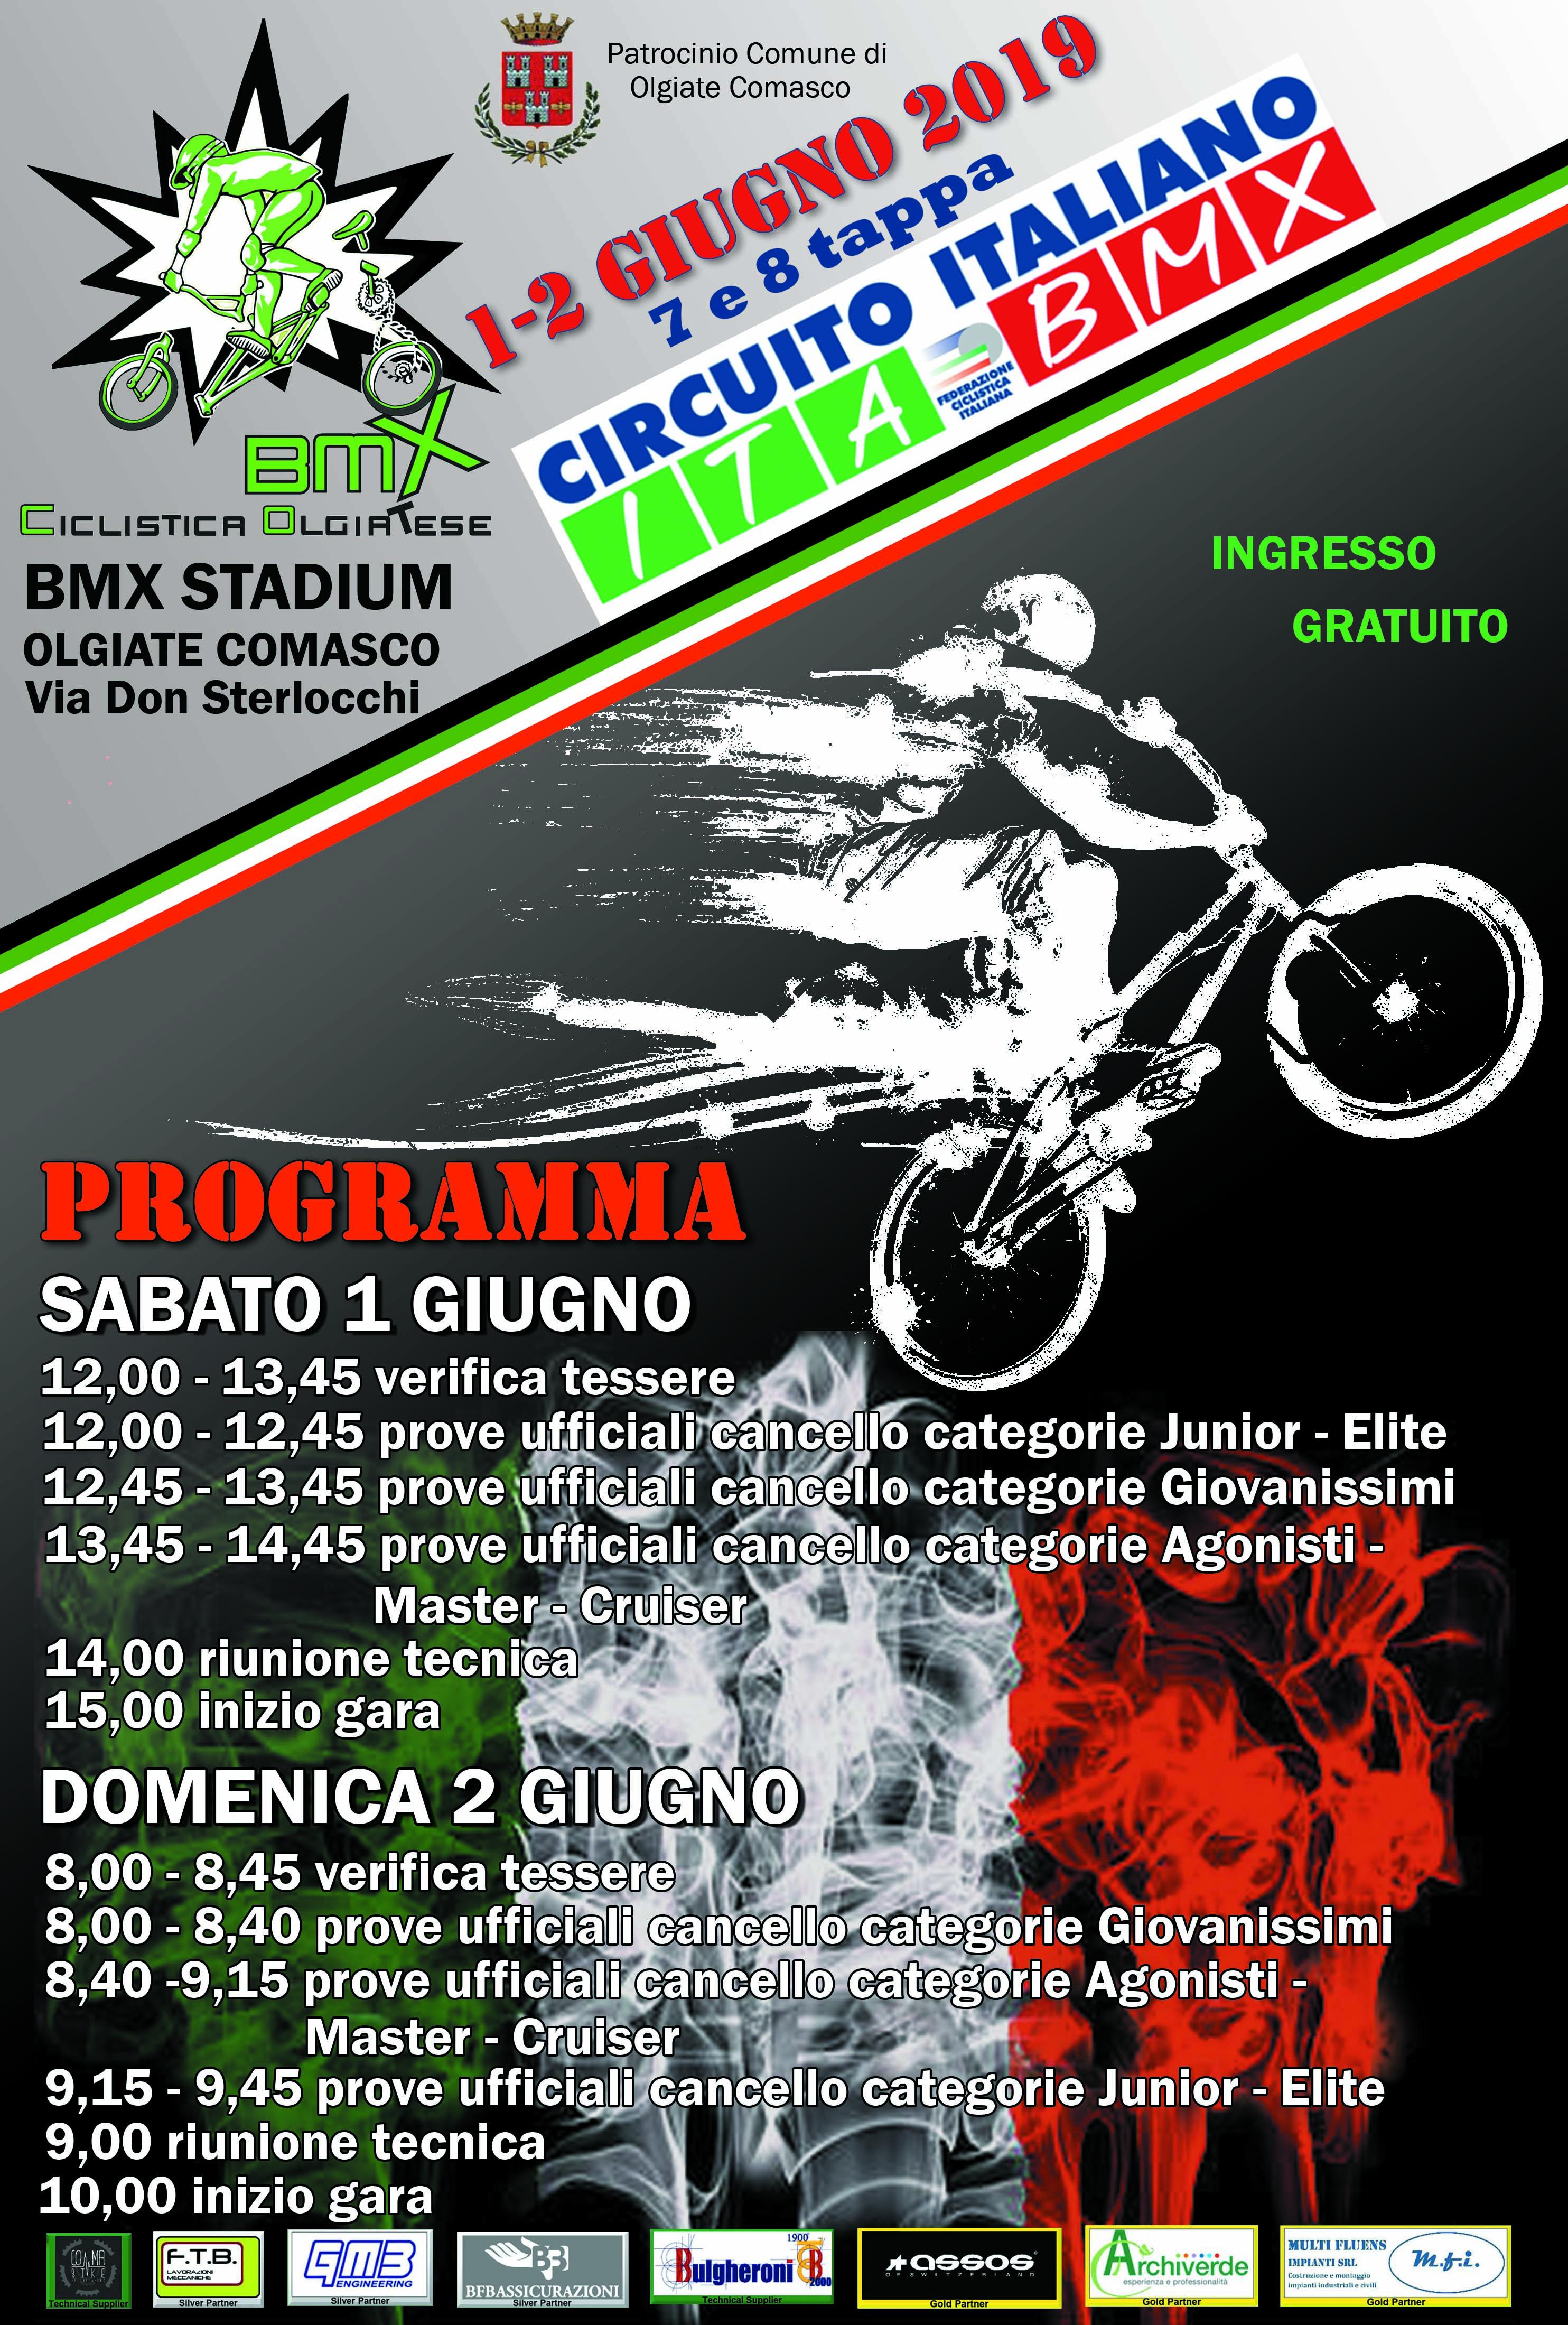 7&8 Prova Circuito Italiano Olgiate Comasco